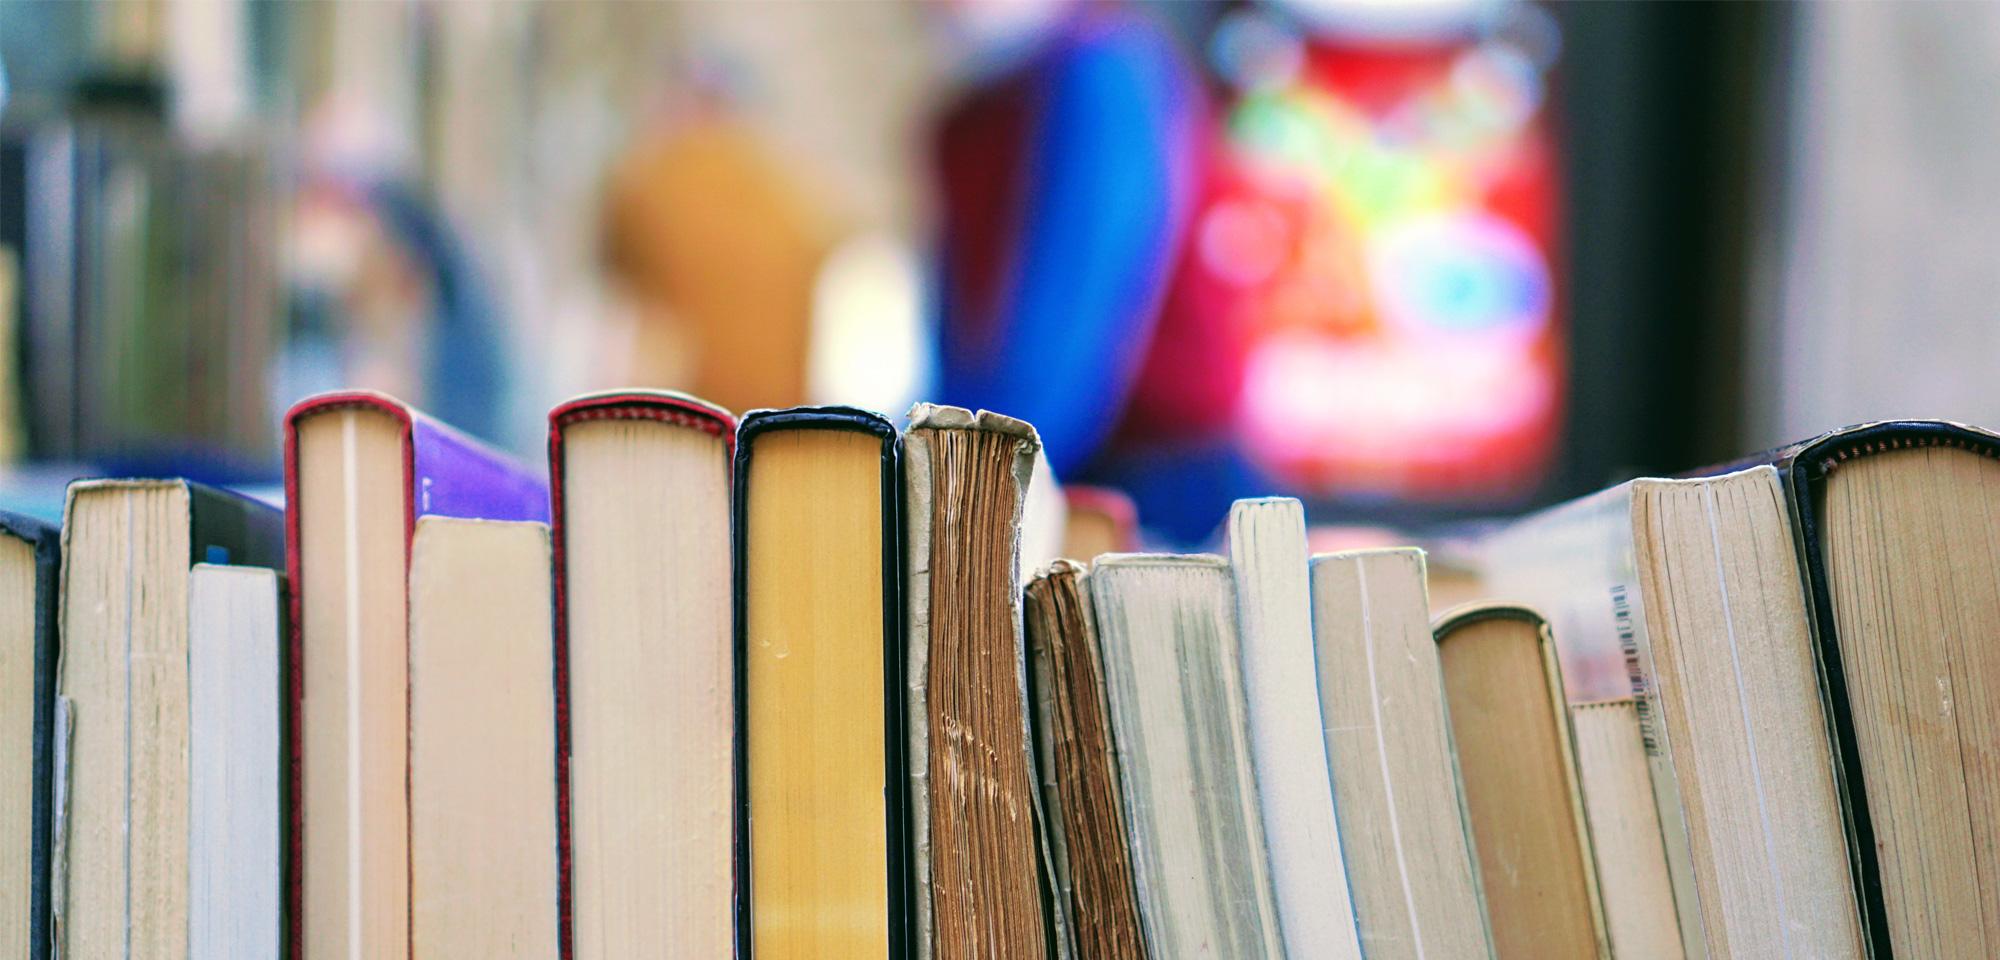 libros202122